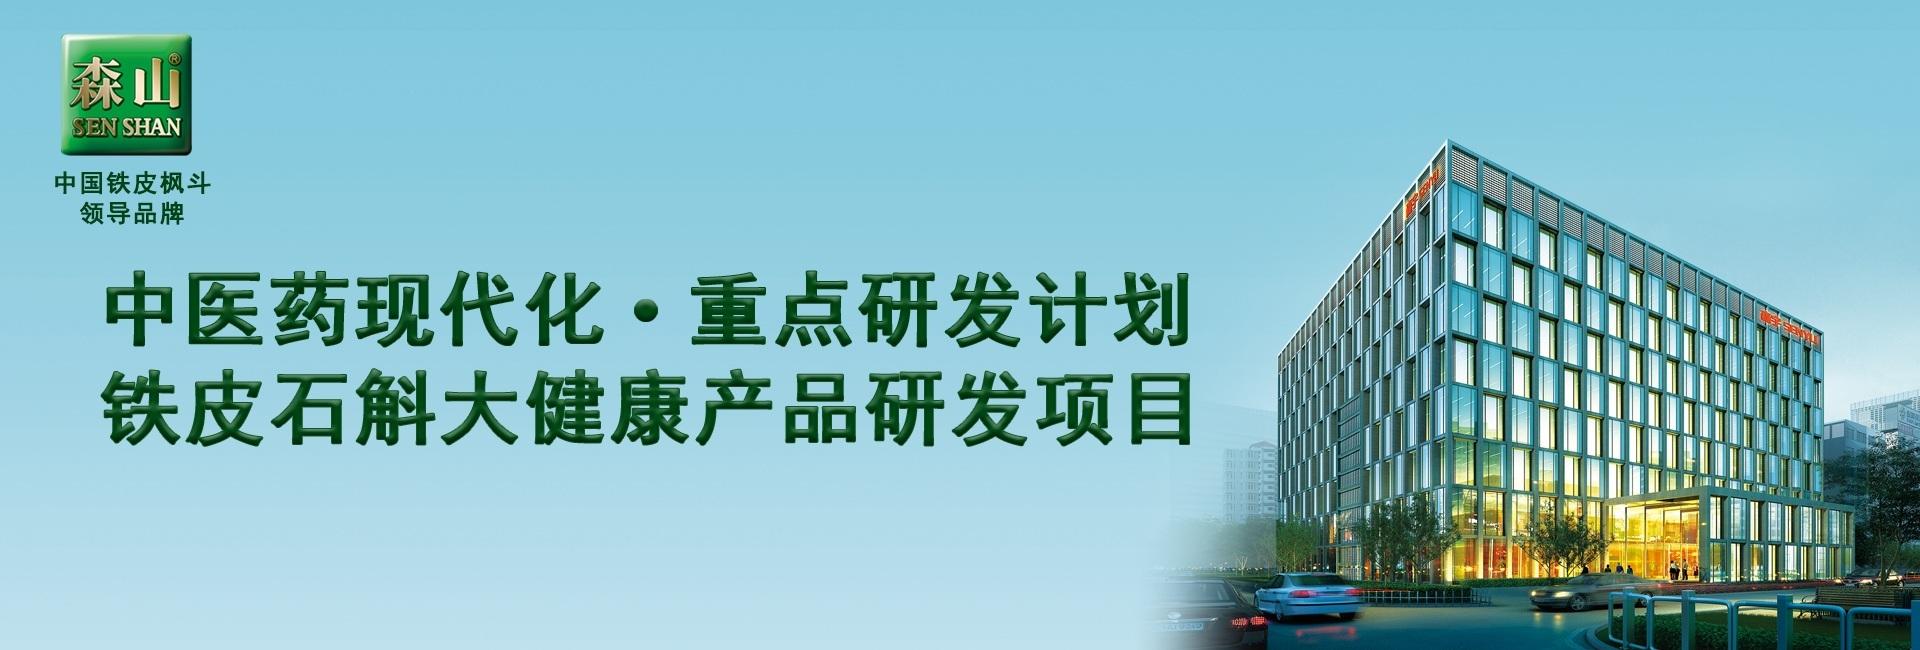 铁皮石斛大健康产业